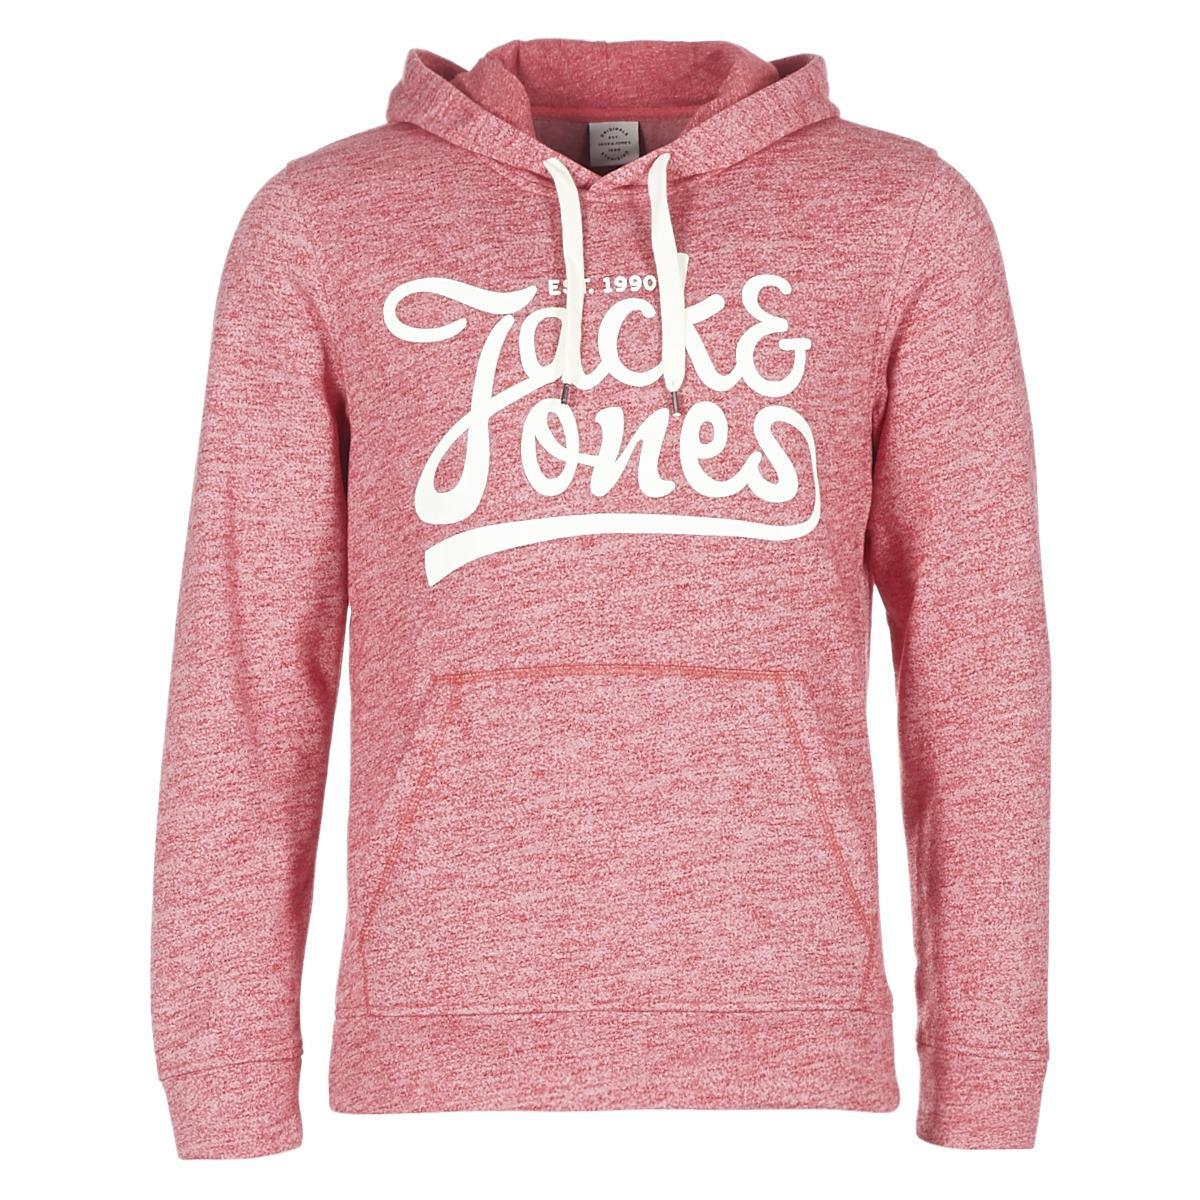 a000b93788be7 Lyst - JORPANTHER hommes Sweat-shirt en rouge Jack   Jones pour ...